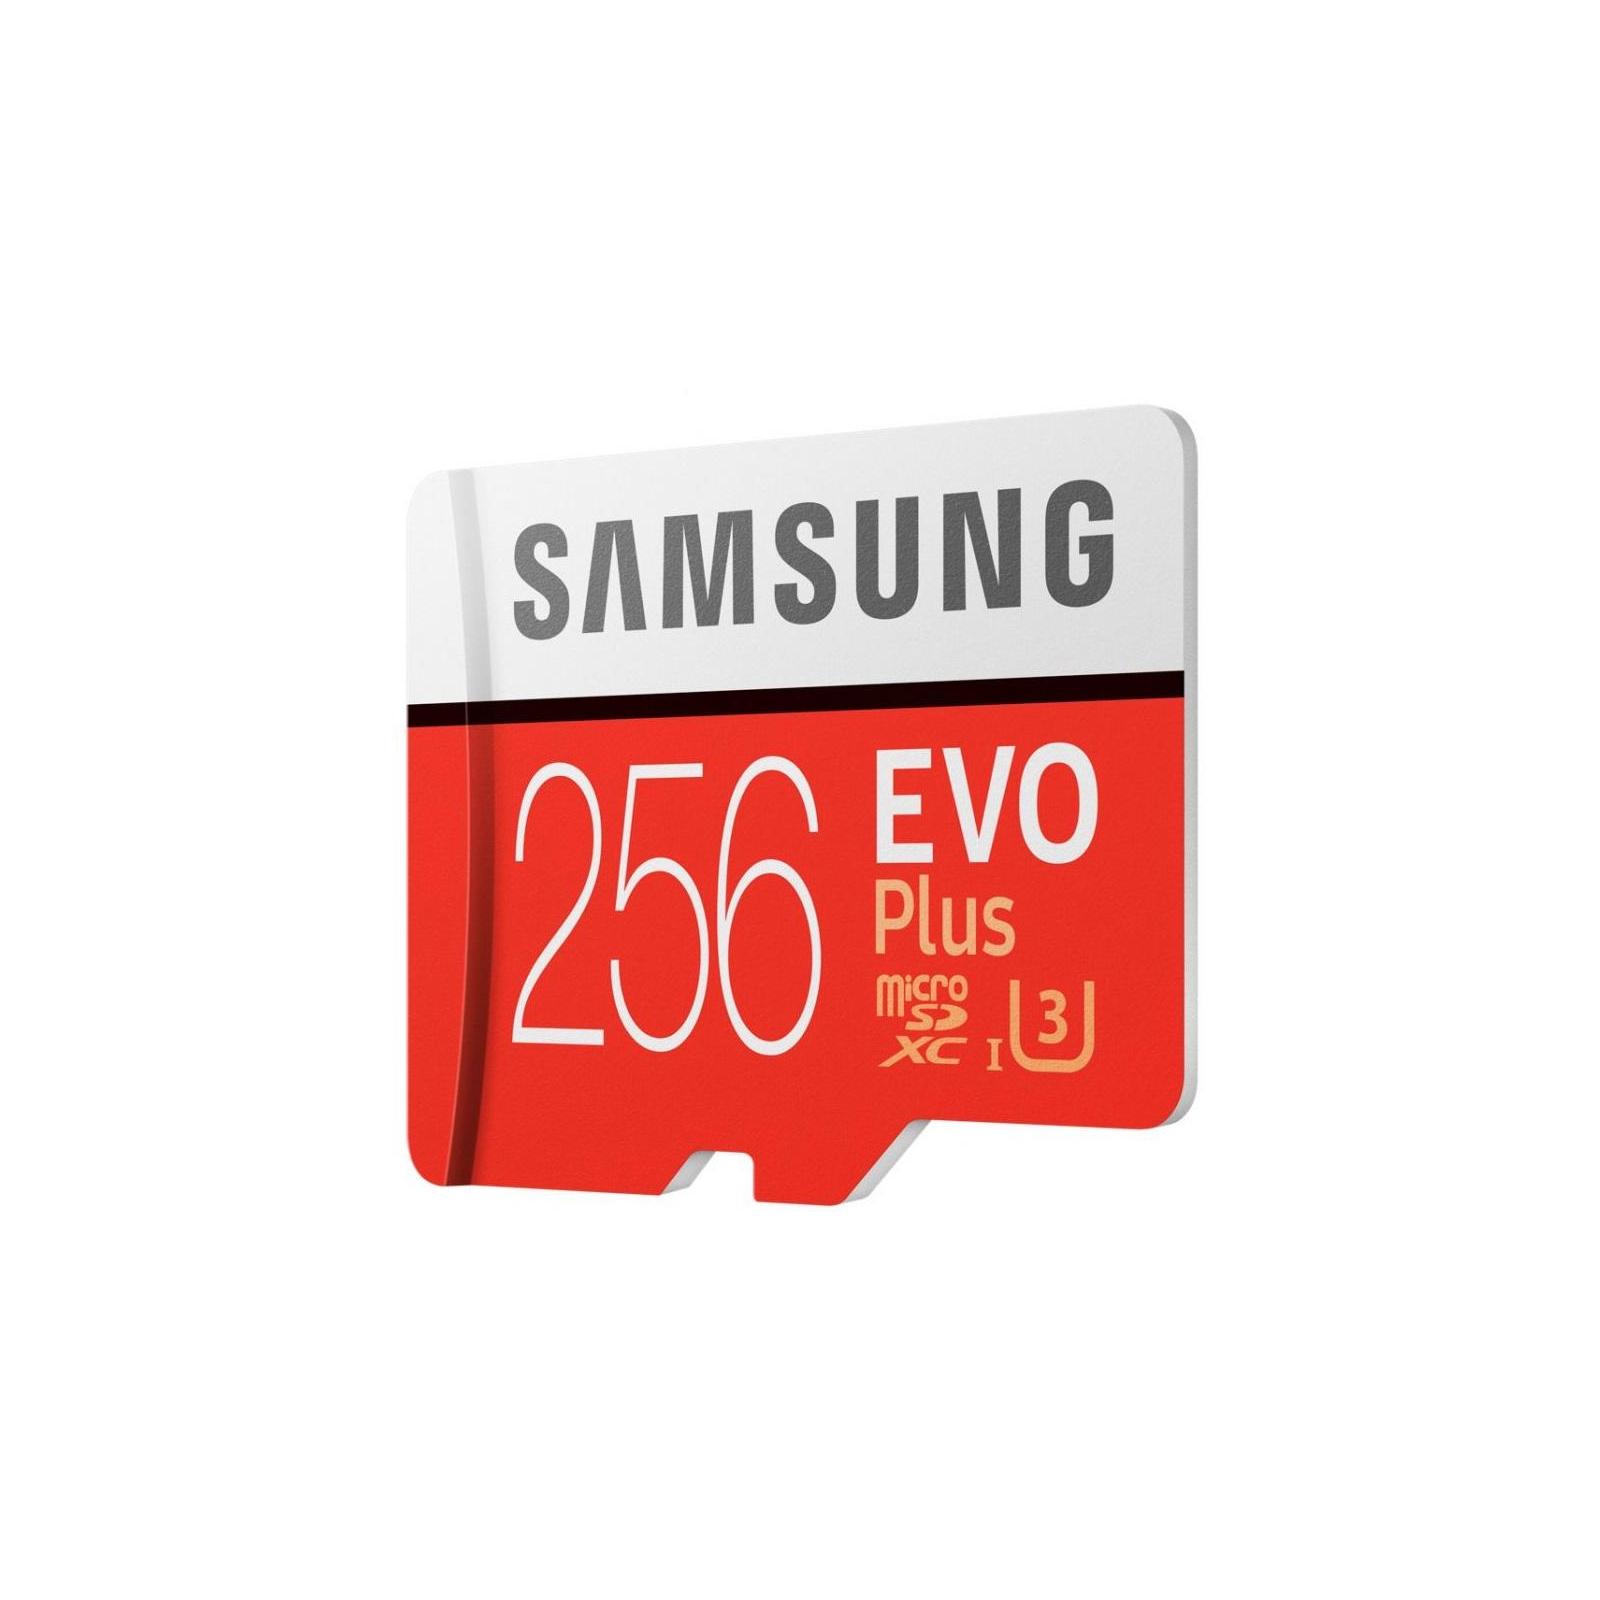 Карта памяти Samsung 256GB microSDXC class 10 UHS-I U3 Evo Plus (MB-MC256GA/RU) изображение 4